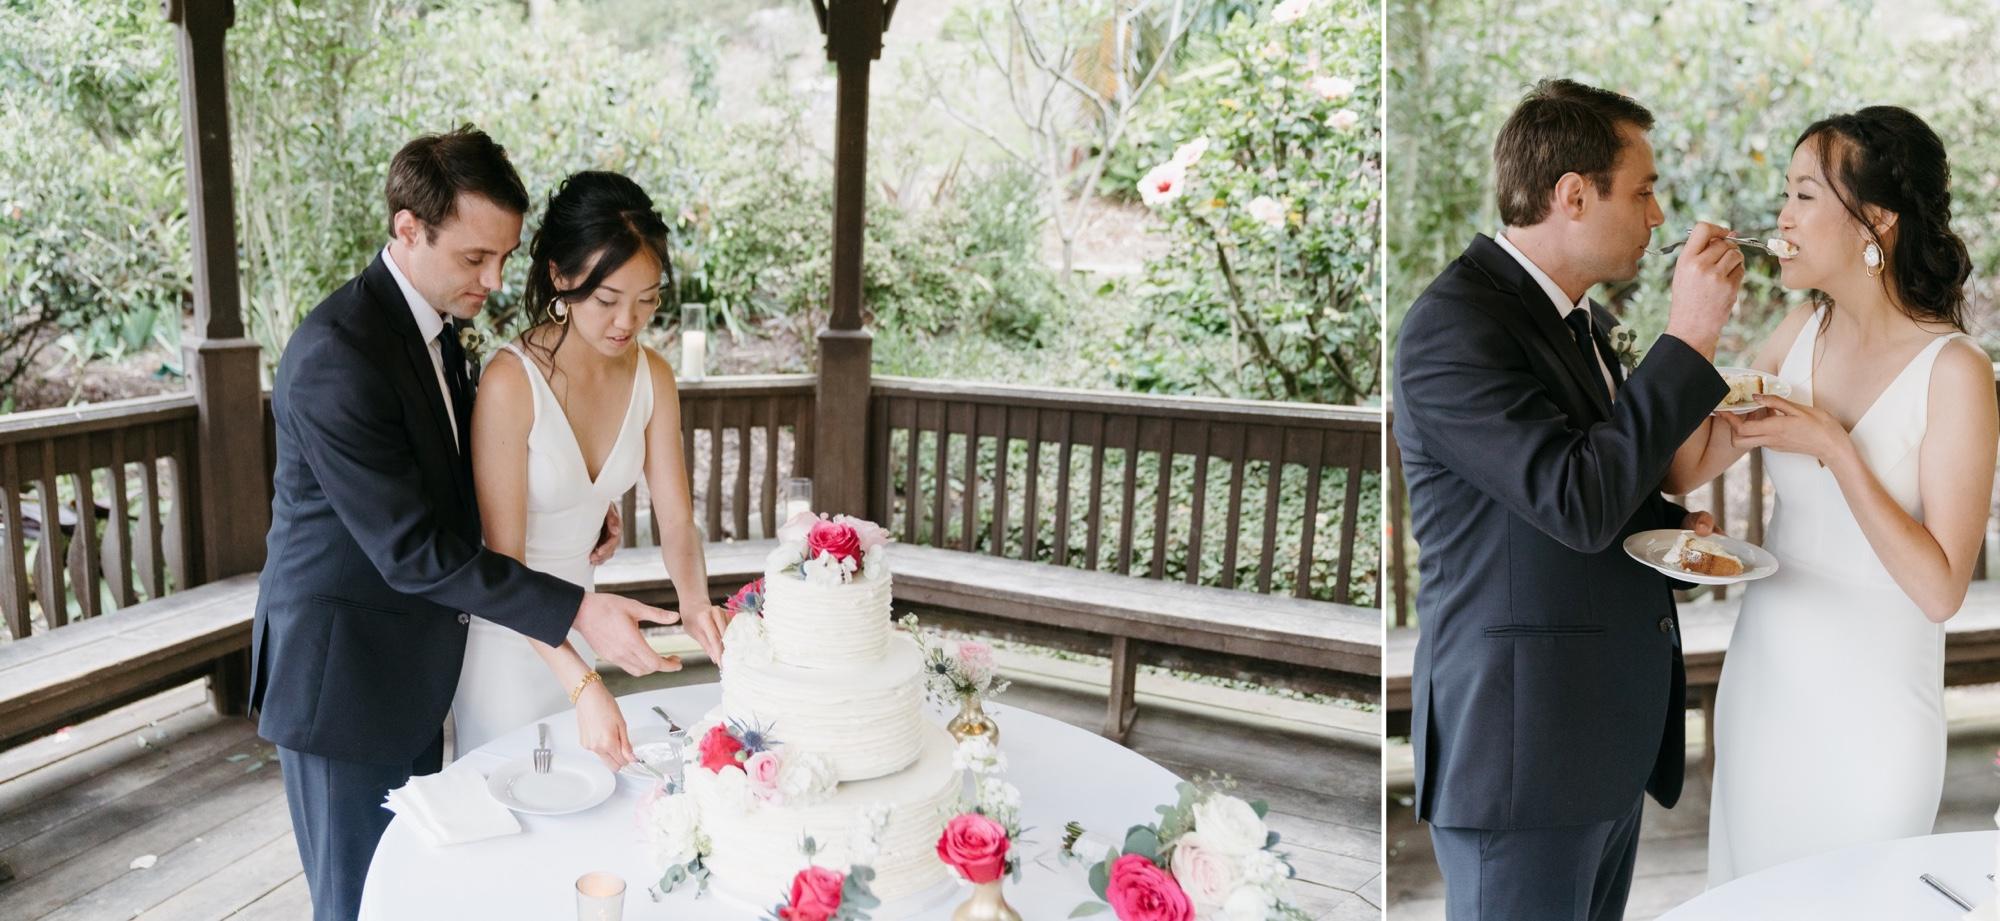 093_Shawna and Steve's Wedding-586_Shawna and Steve's Wedding-582.jpg